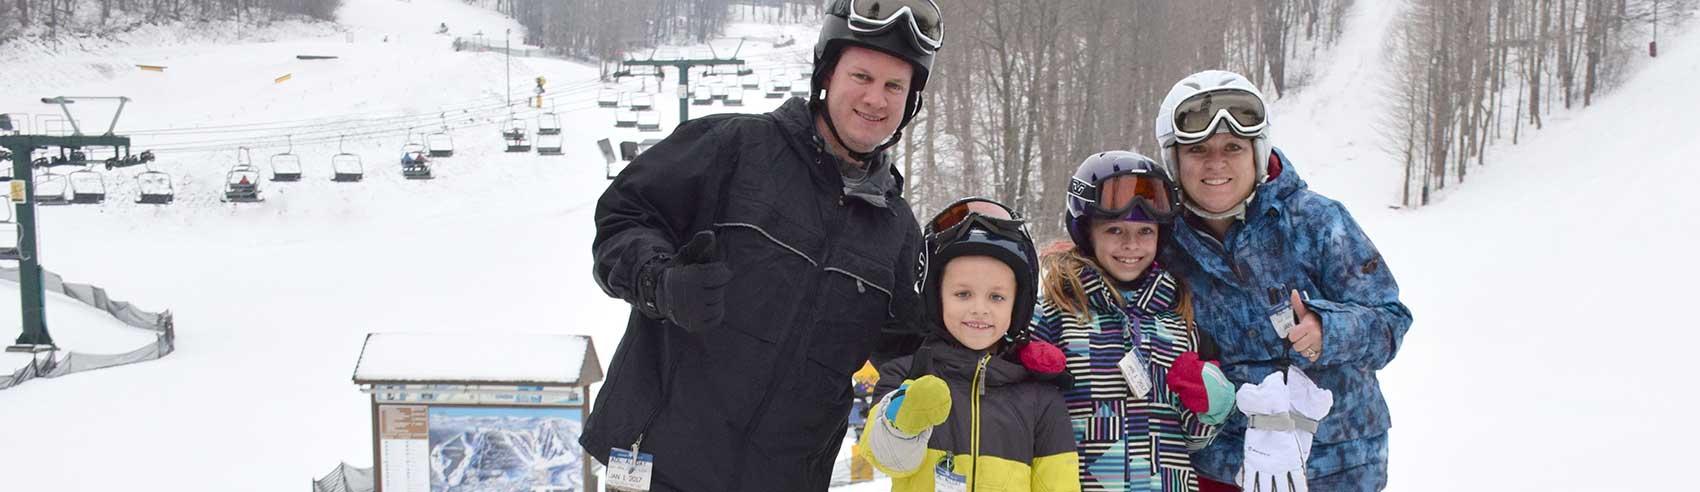 family-on-the-slopes-ready-to-ski